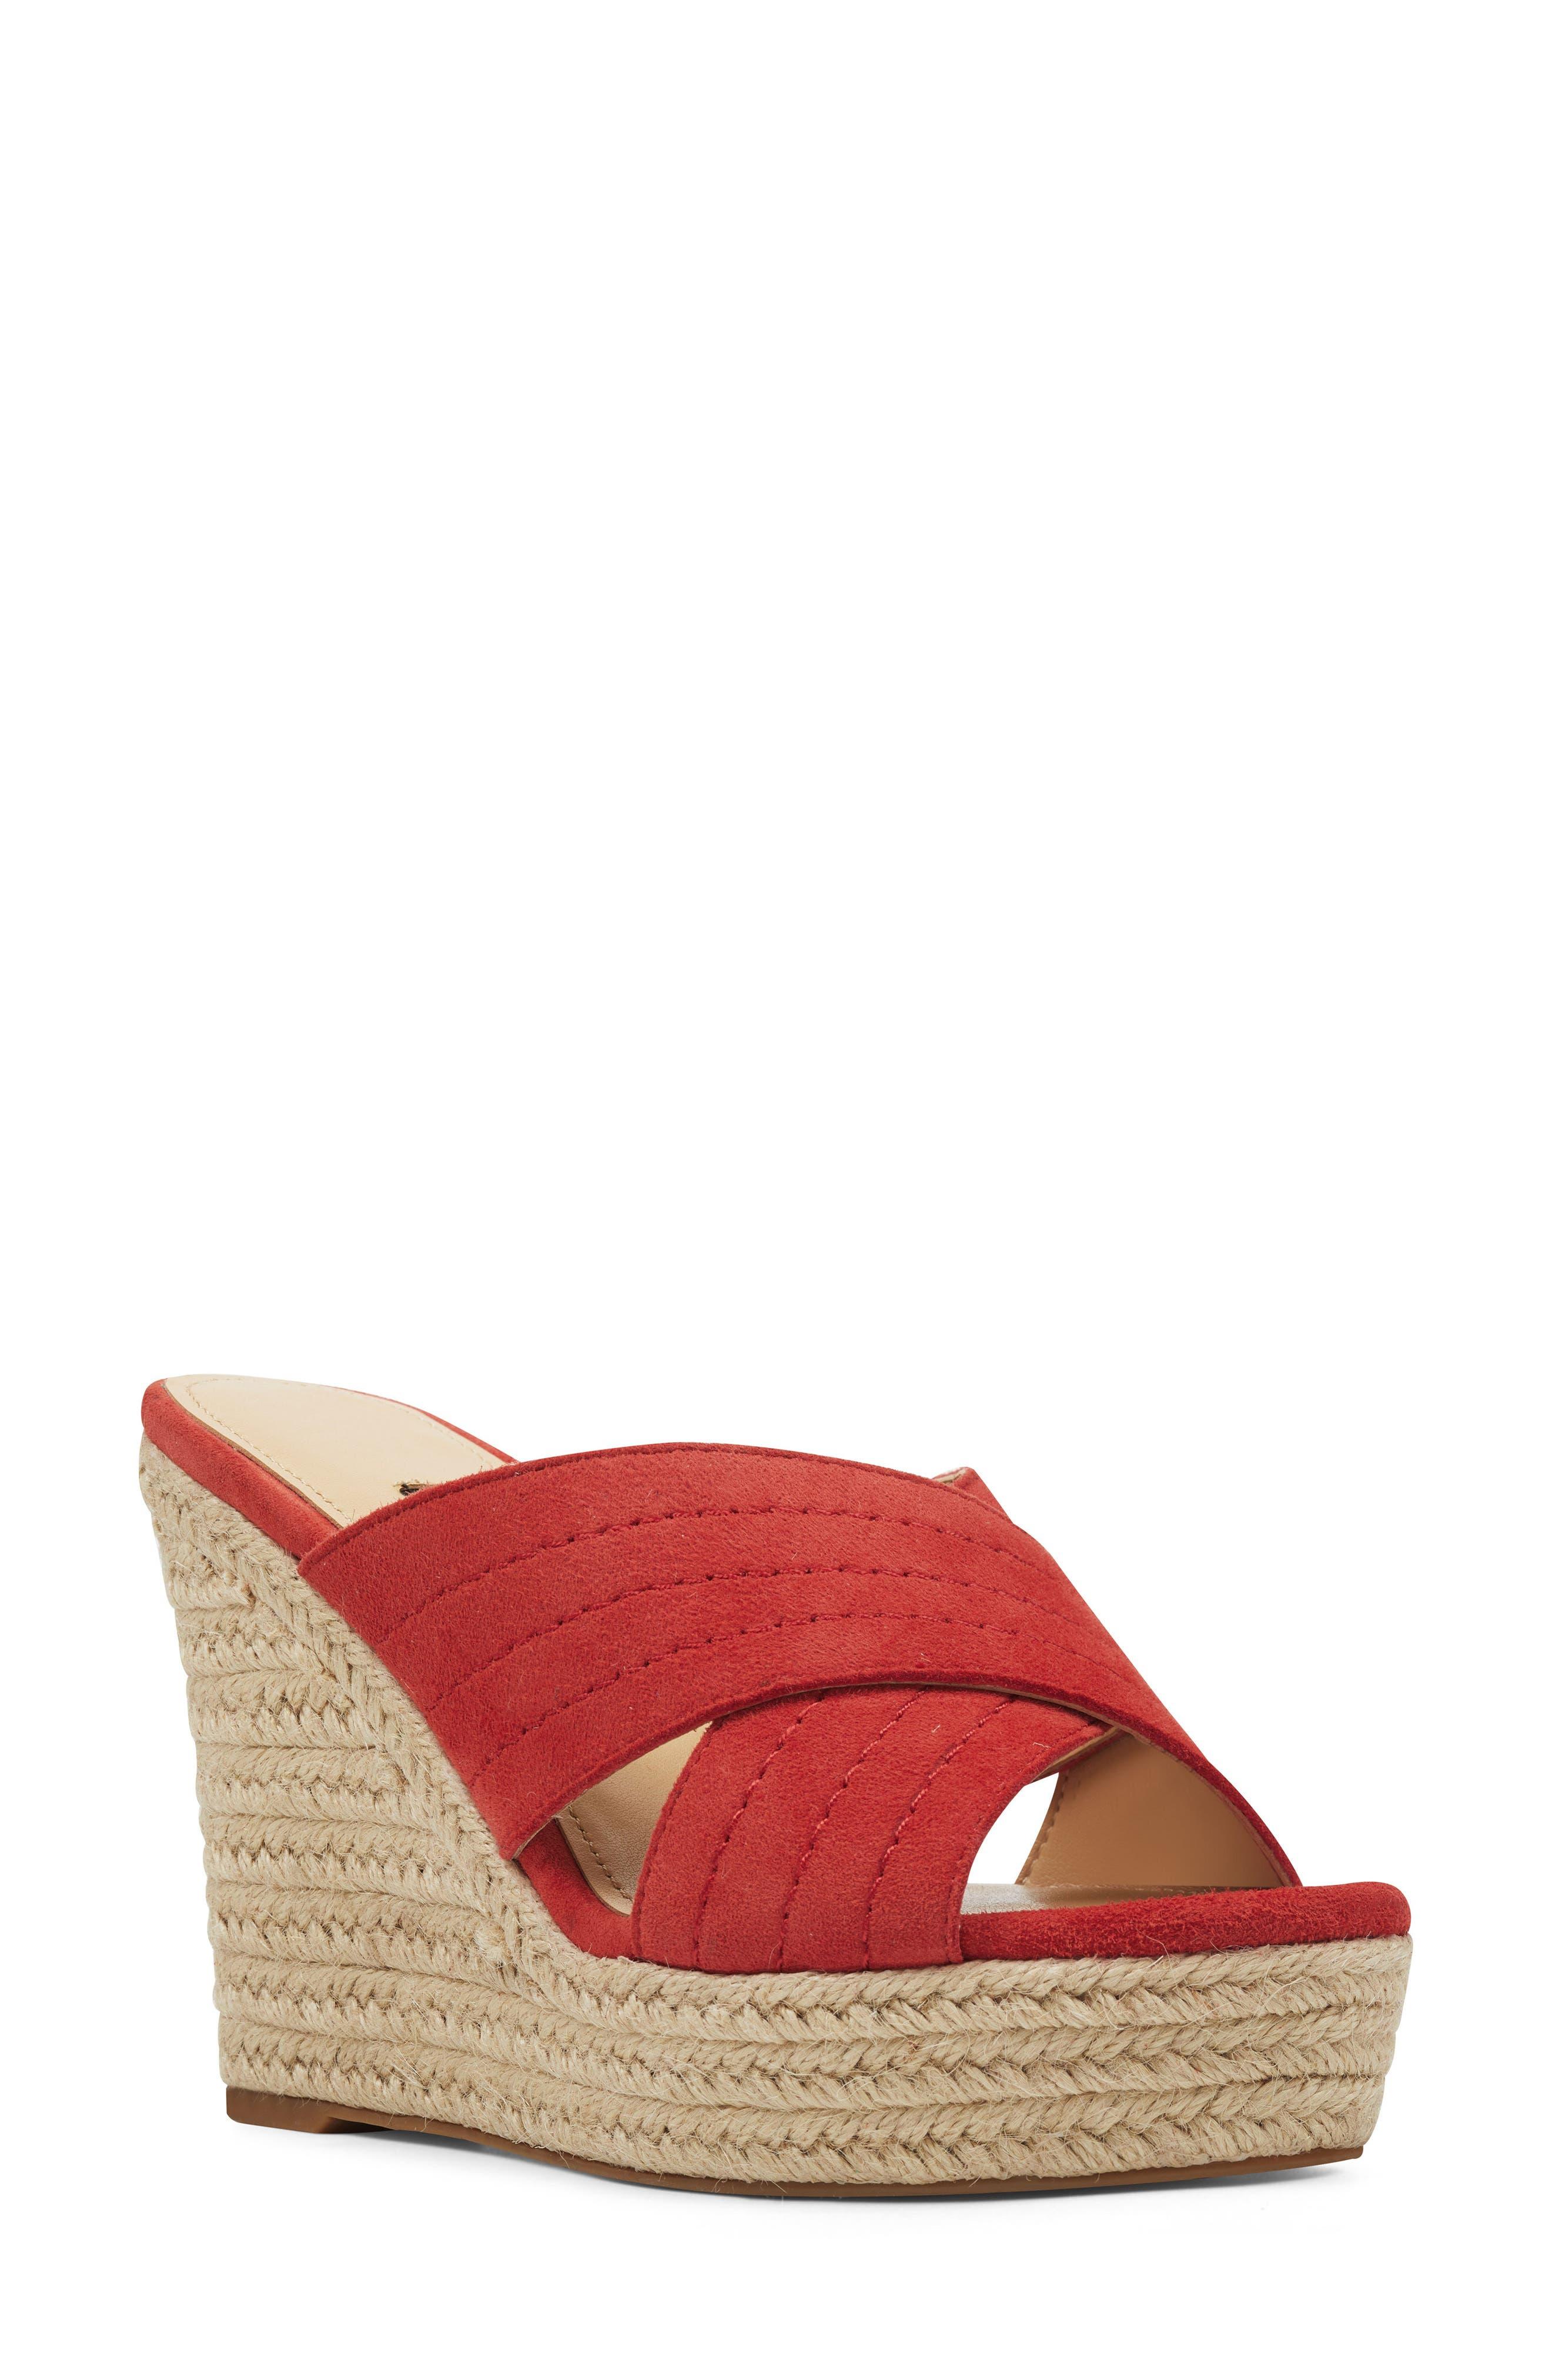 51c61be262 Nine West Hope Espadrille Wedge Slide Sandal- Red